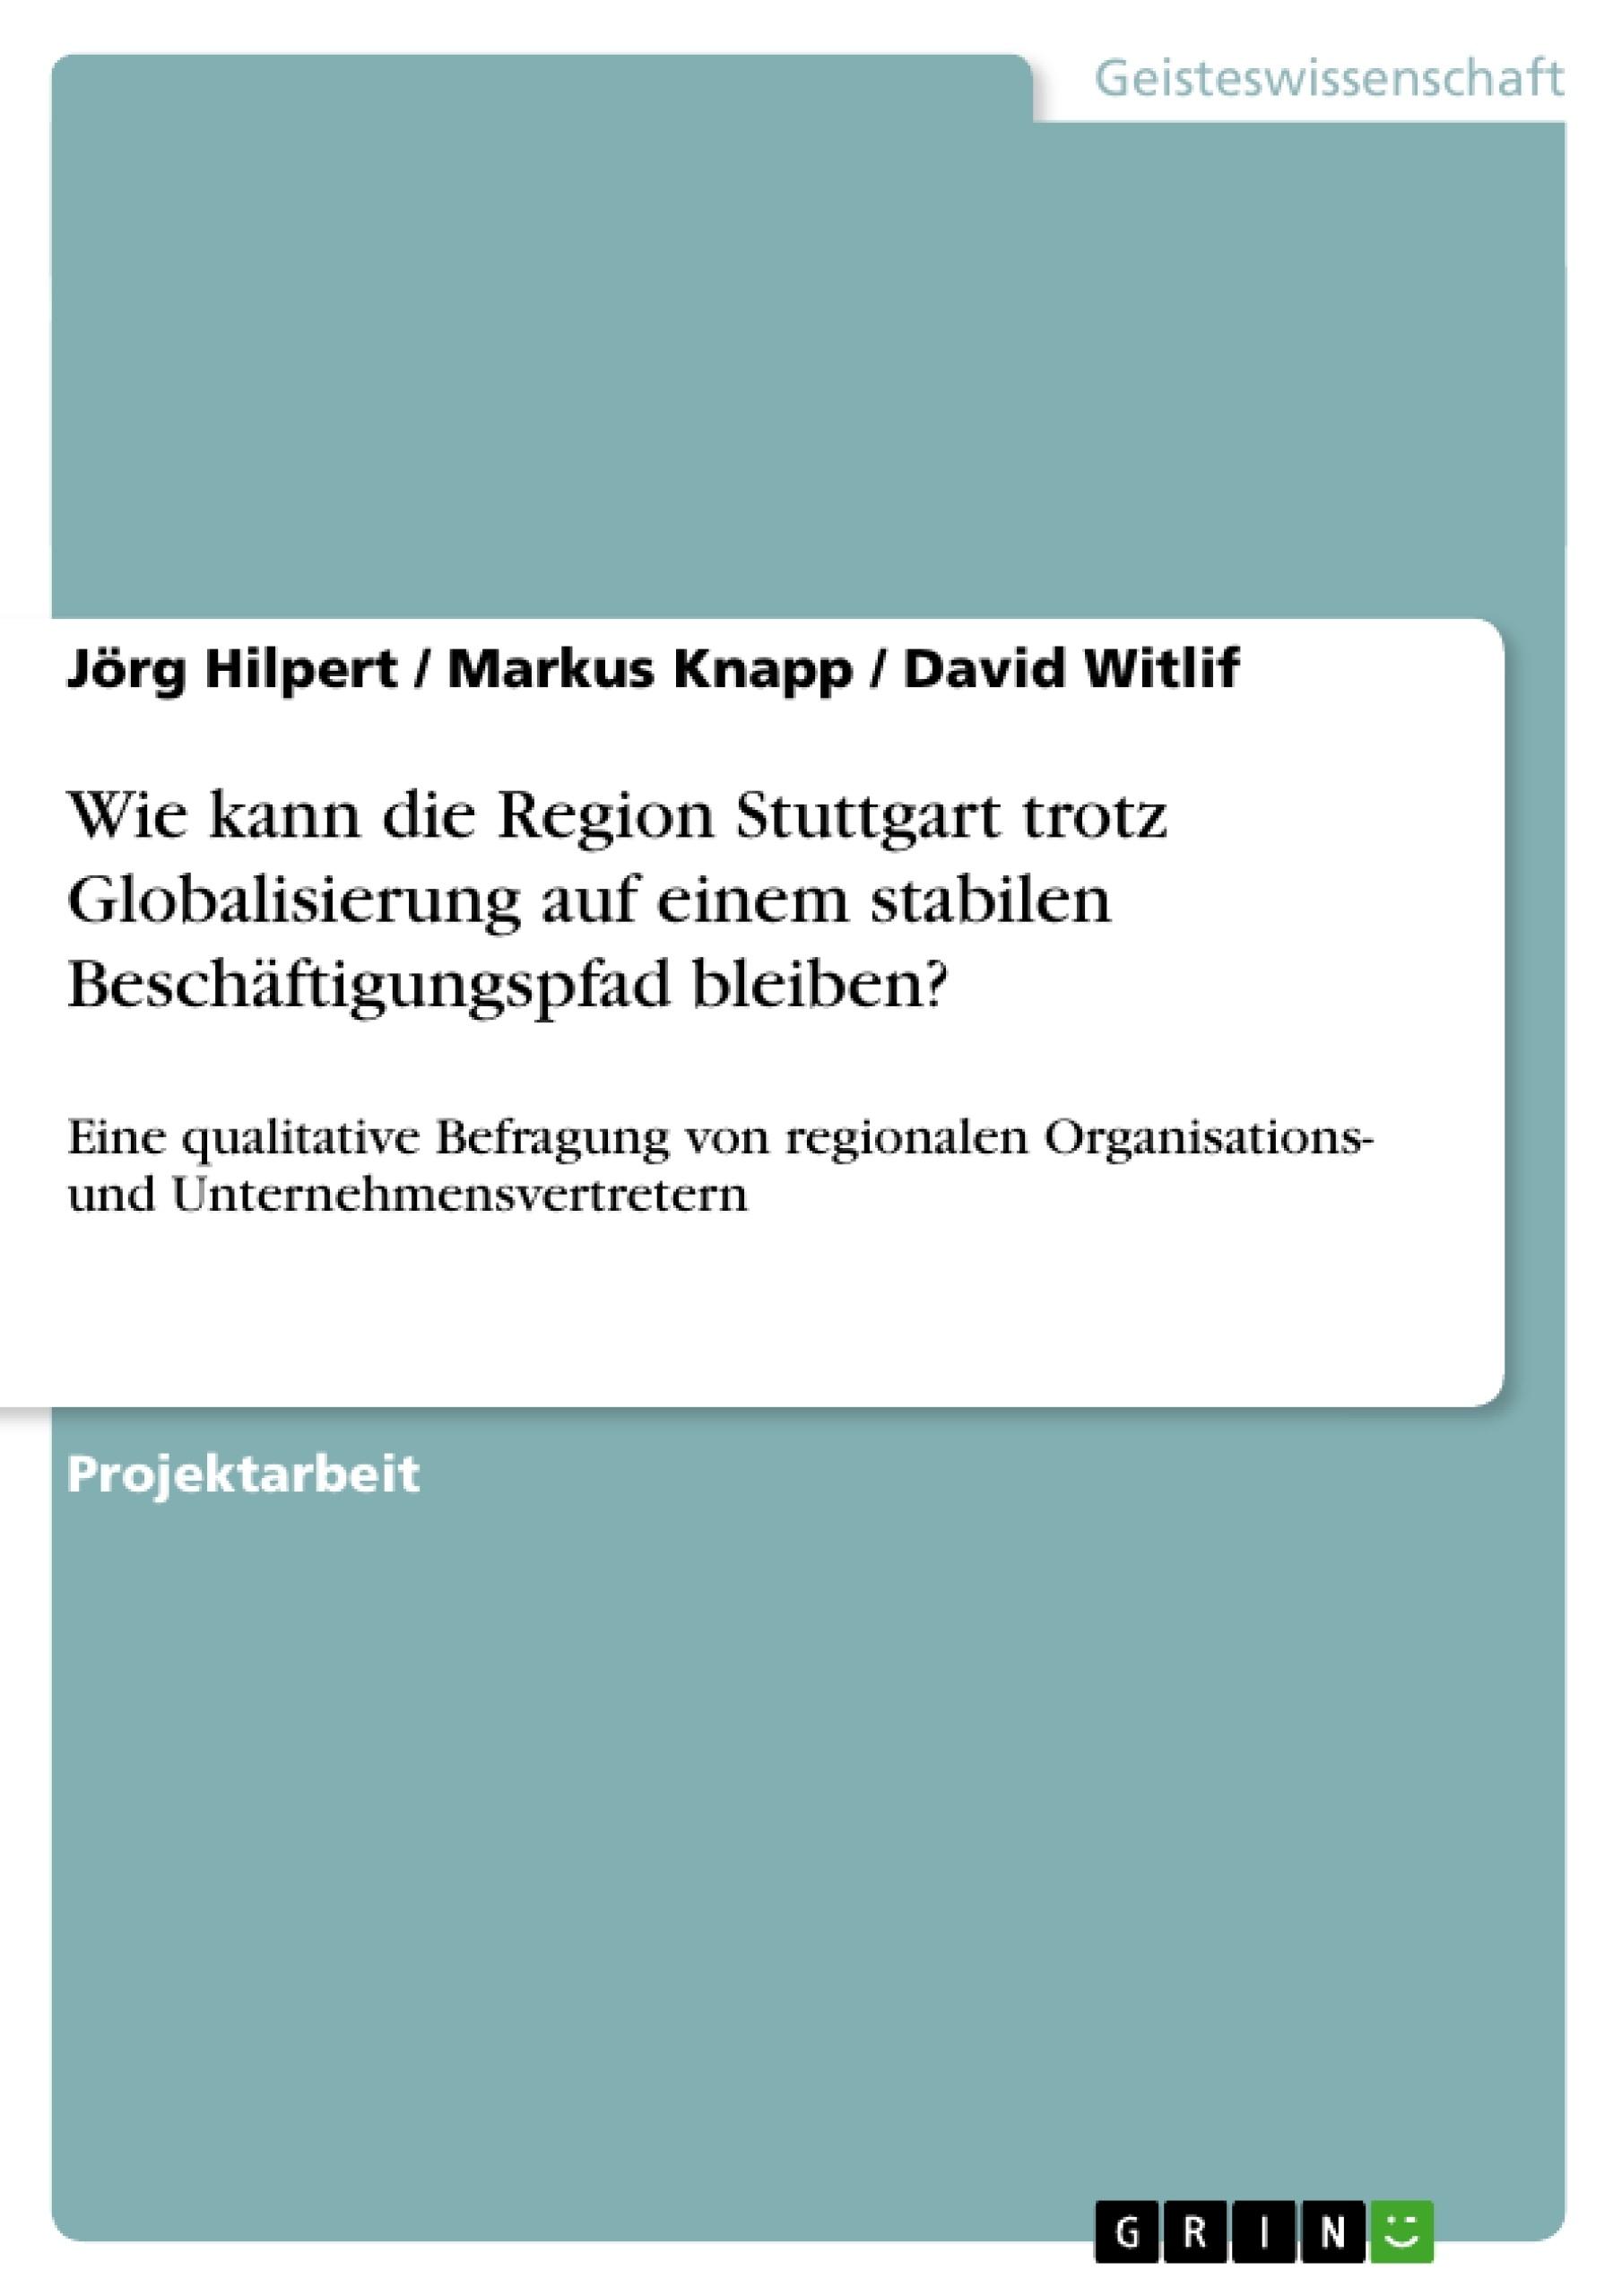 Titel: Wie kann die Region Stuttgart trotz Globalisierung auf einem stabilen Beschäftigungspfad bleiben?